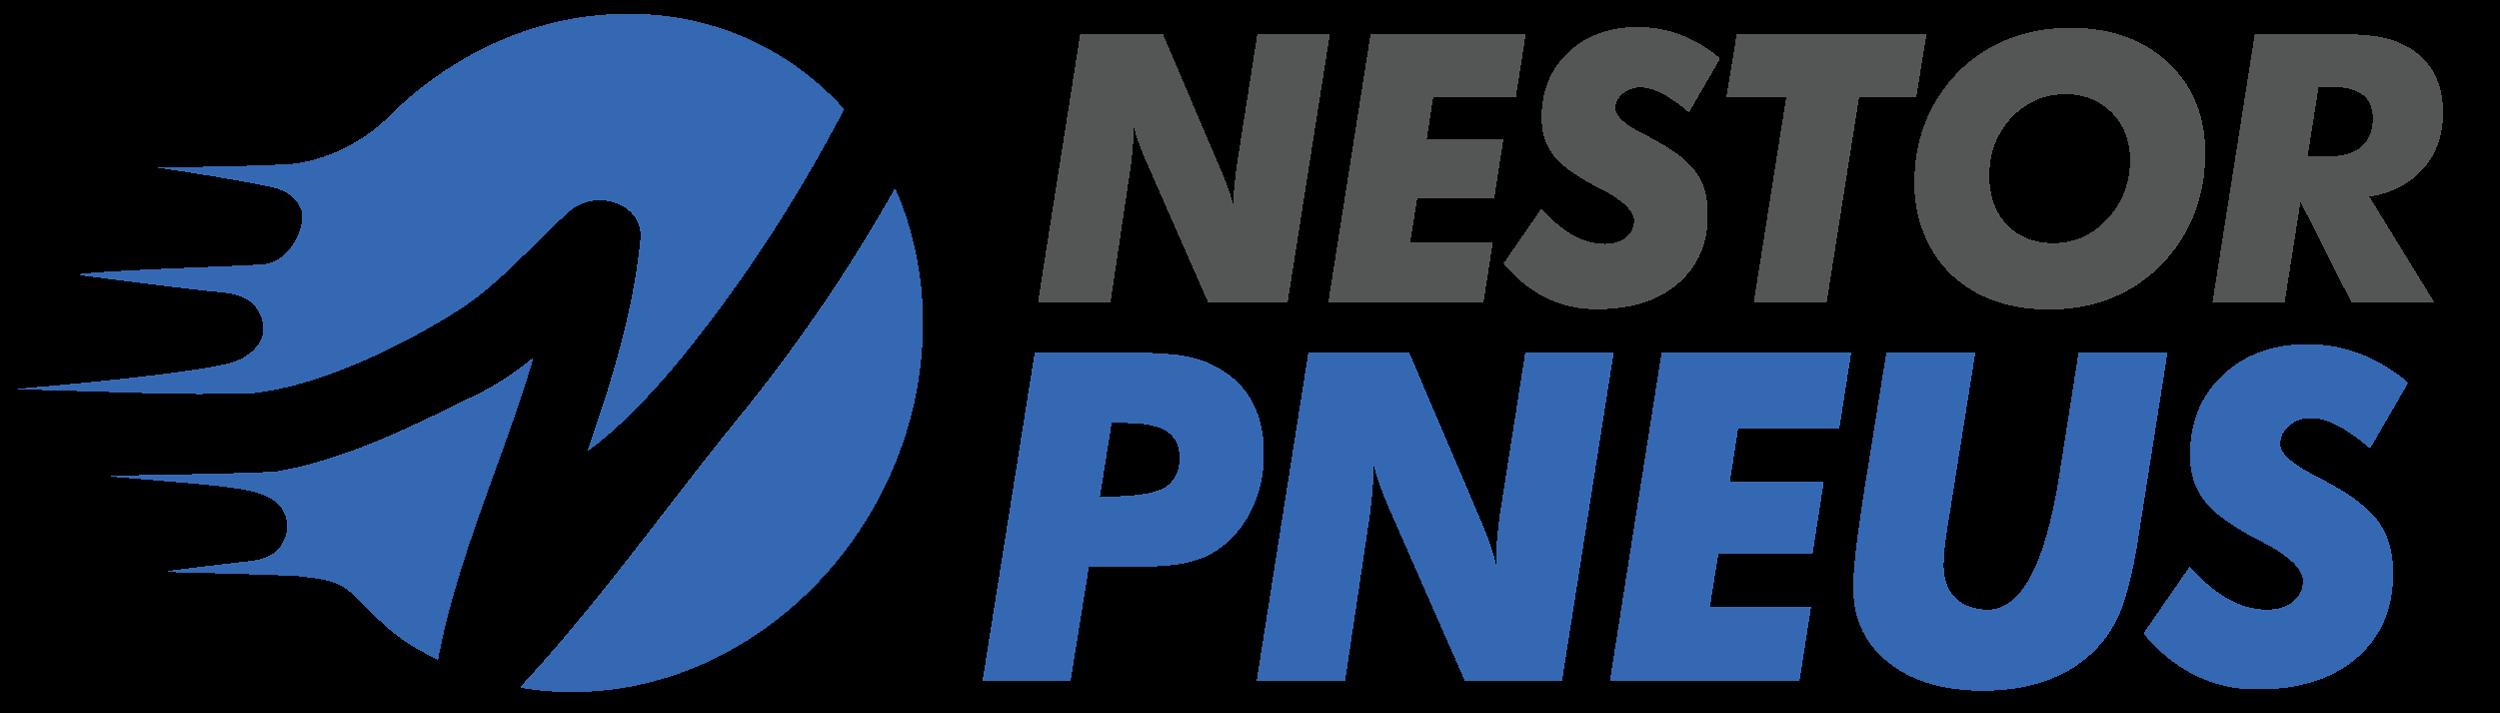 Nestor Pneus Centro Automotivo